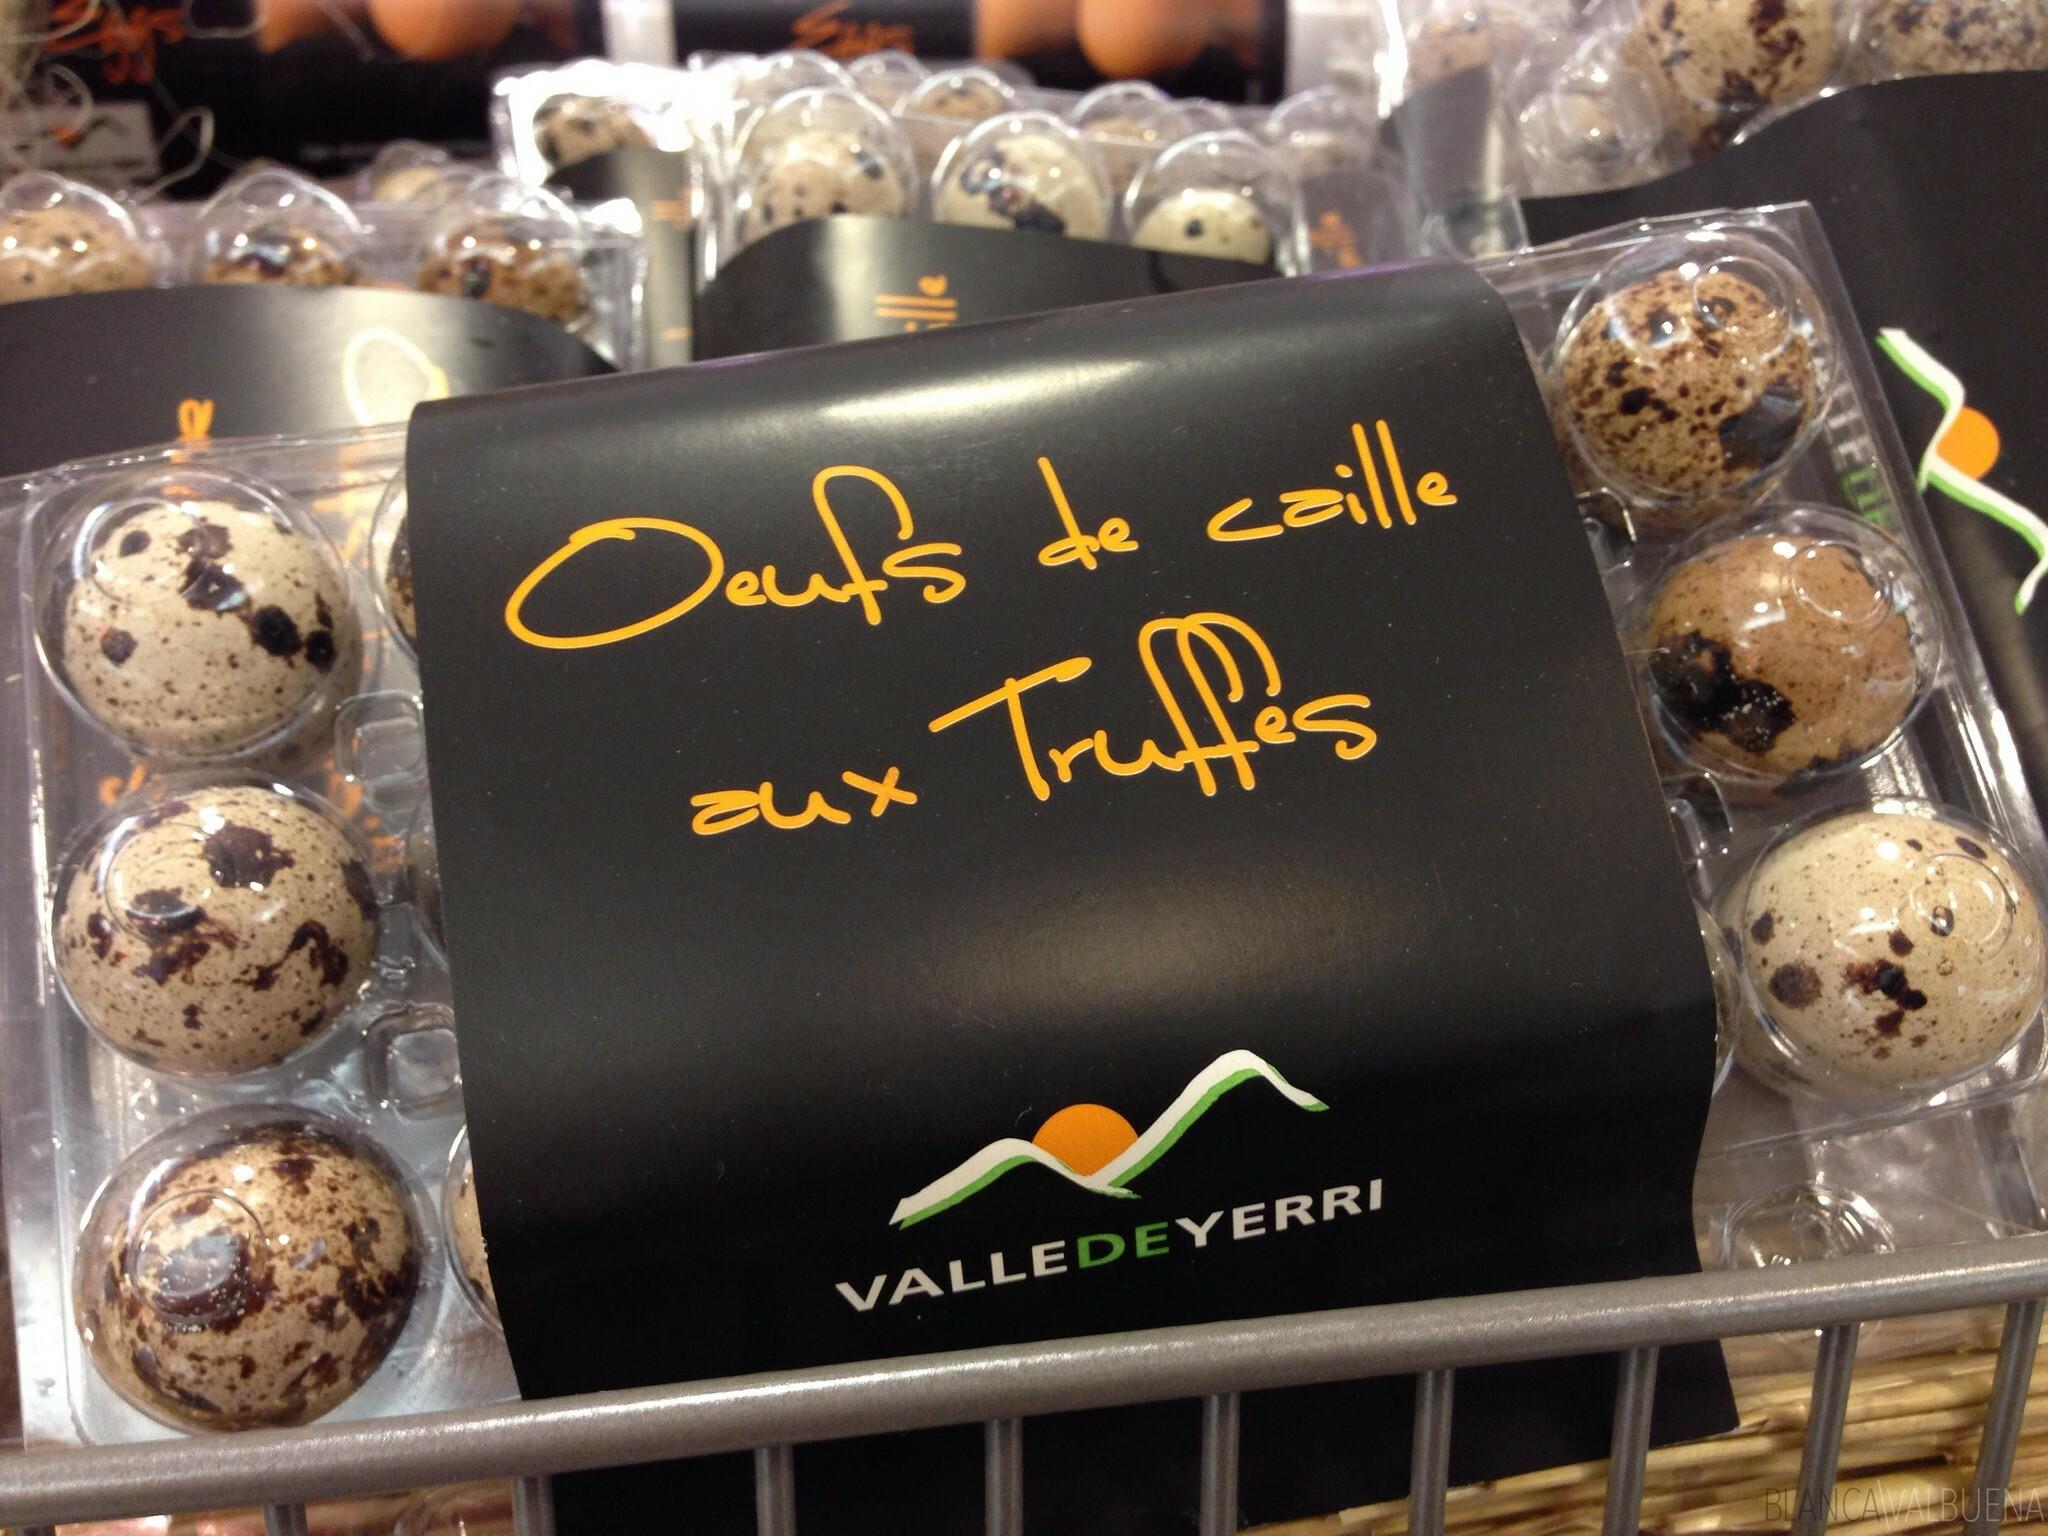 uova tartufate sono abbondanti a Galeries Lafayette